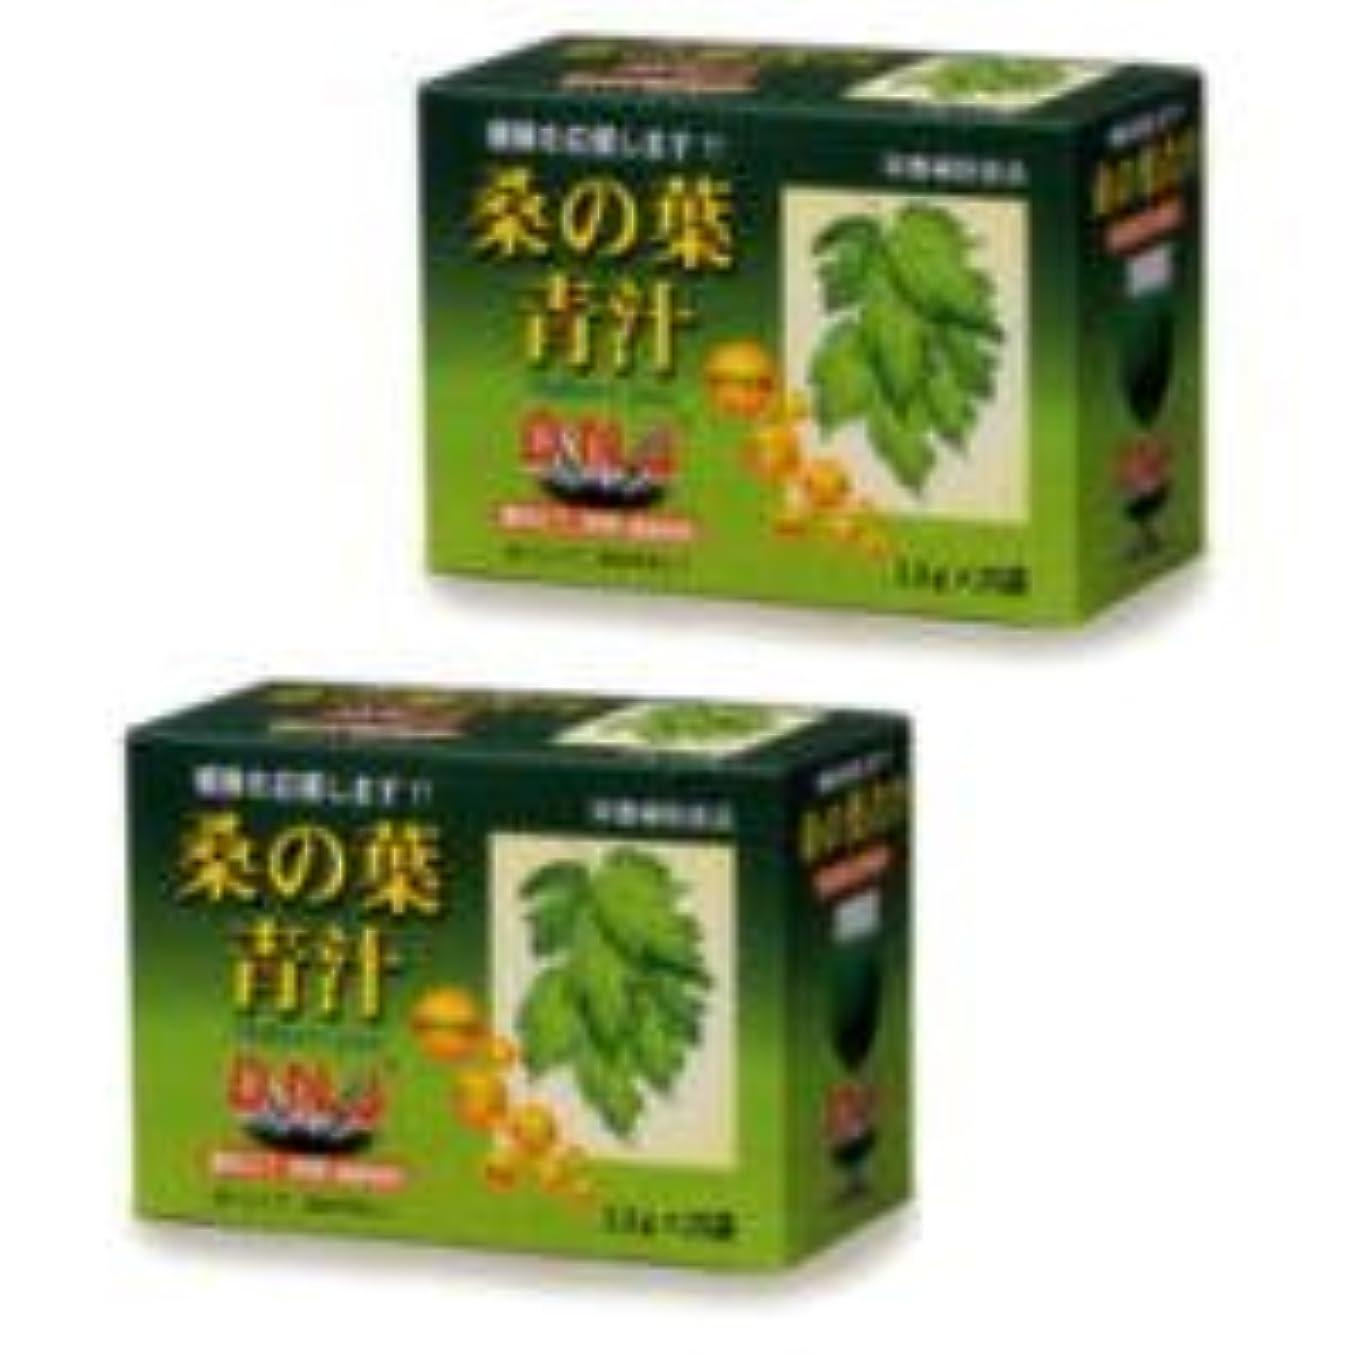 恐ろしいです倉庫パパ桑の葉青汁 2個